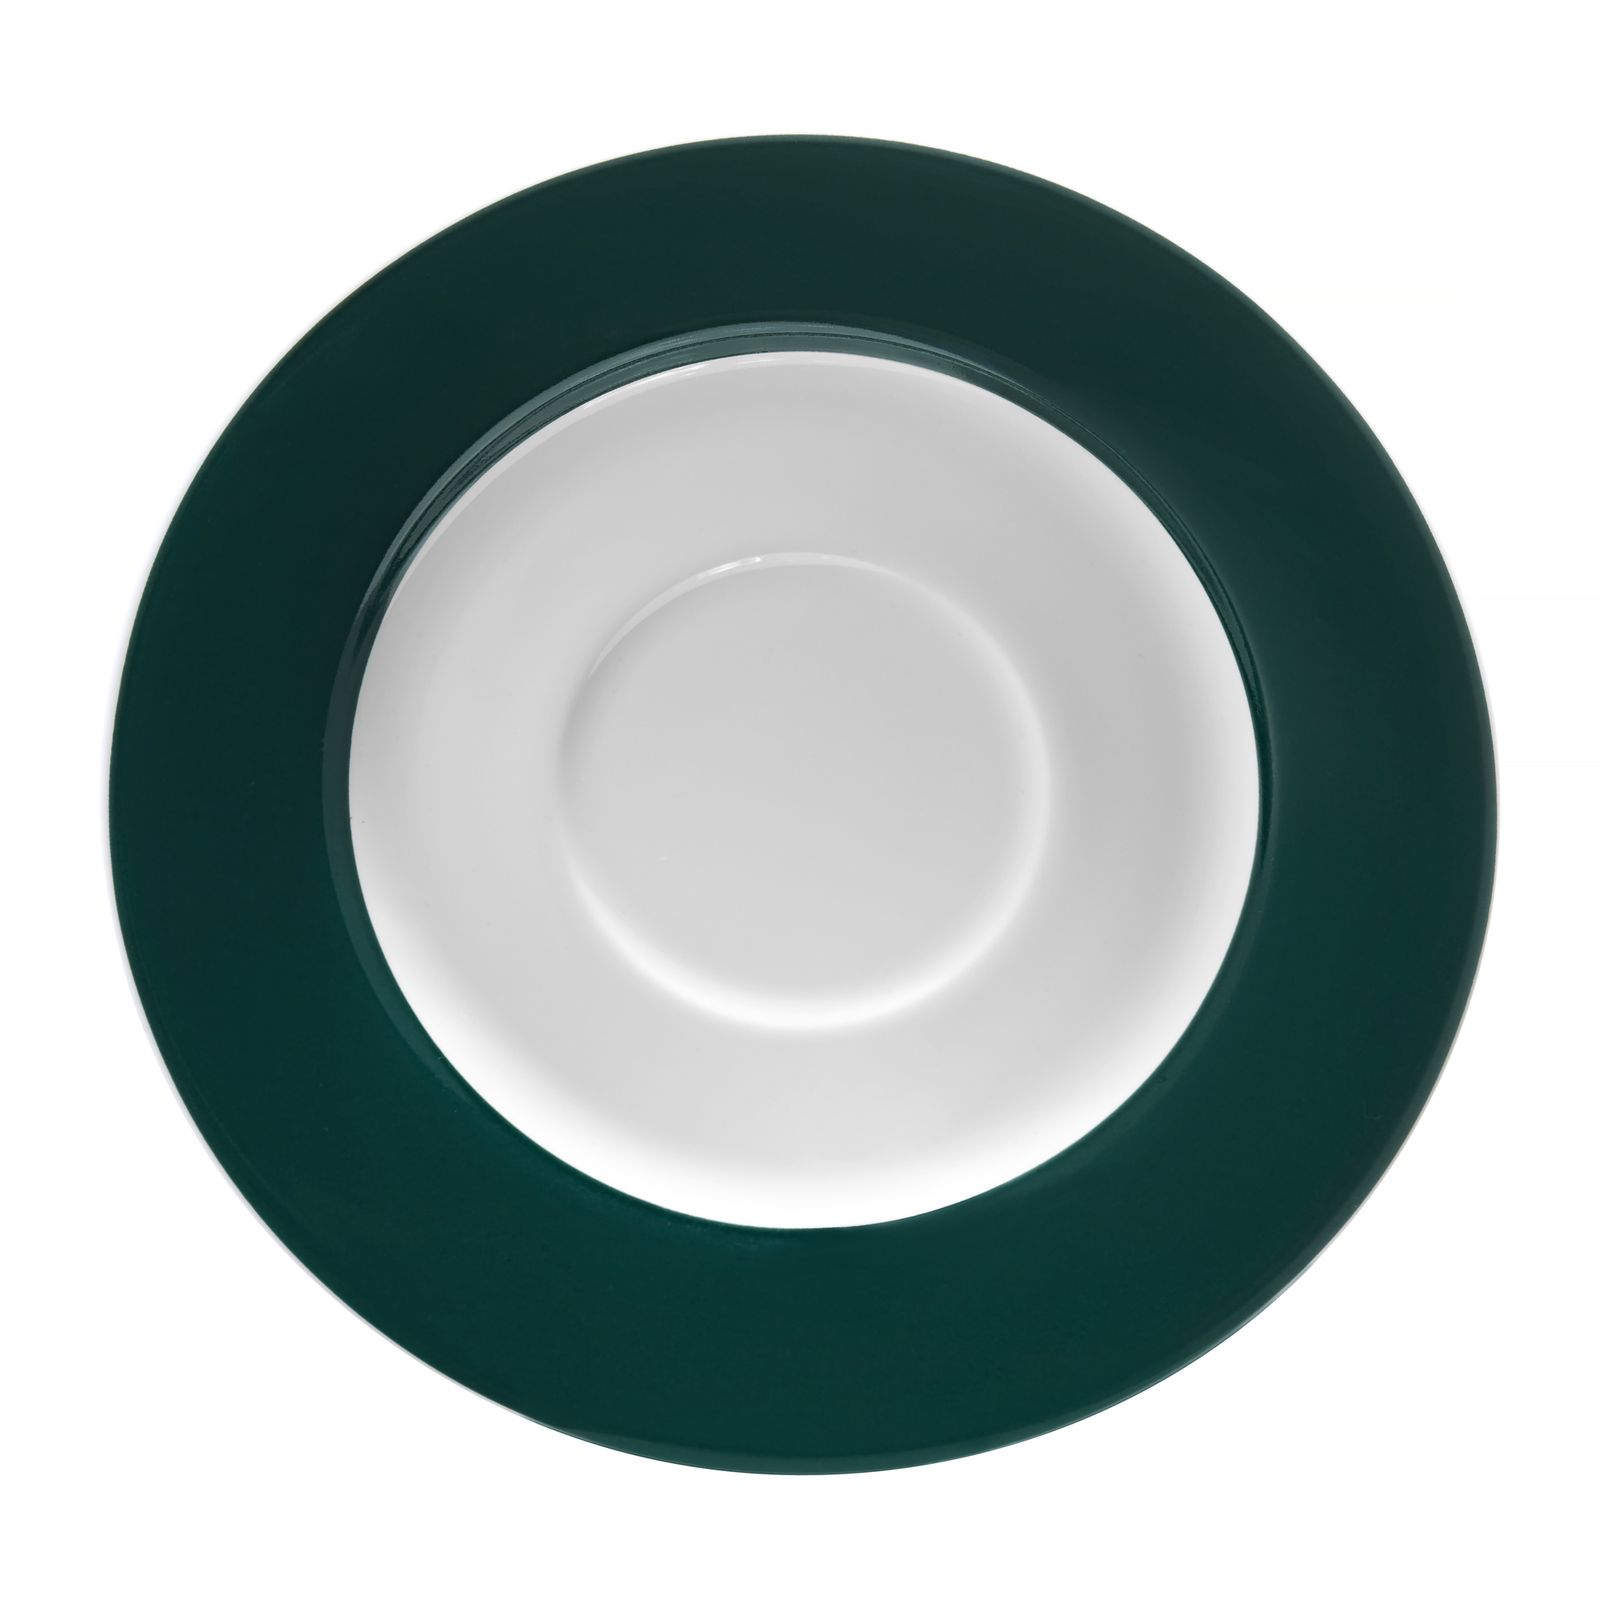 Soucoupe Aura Green 15,5 cm AMBITION